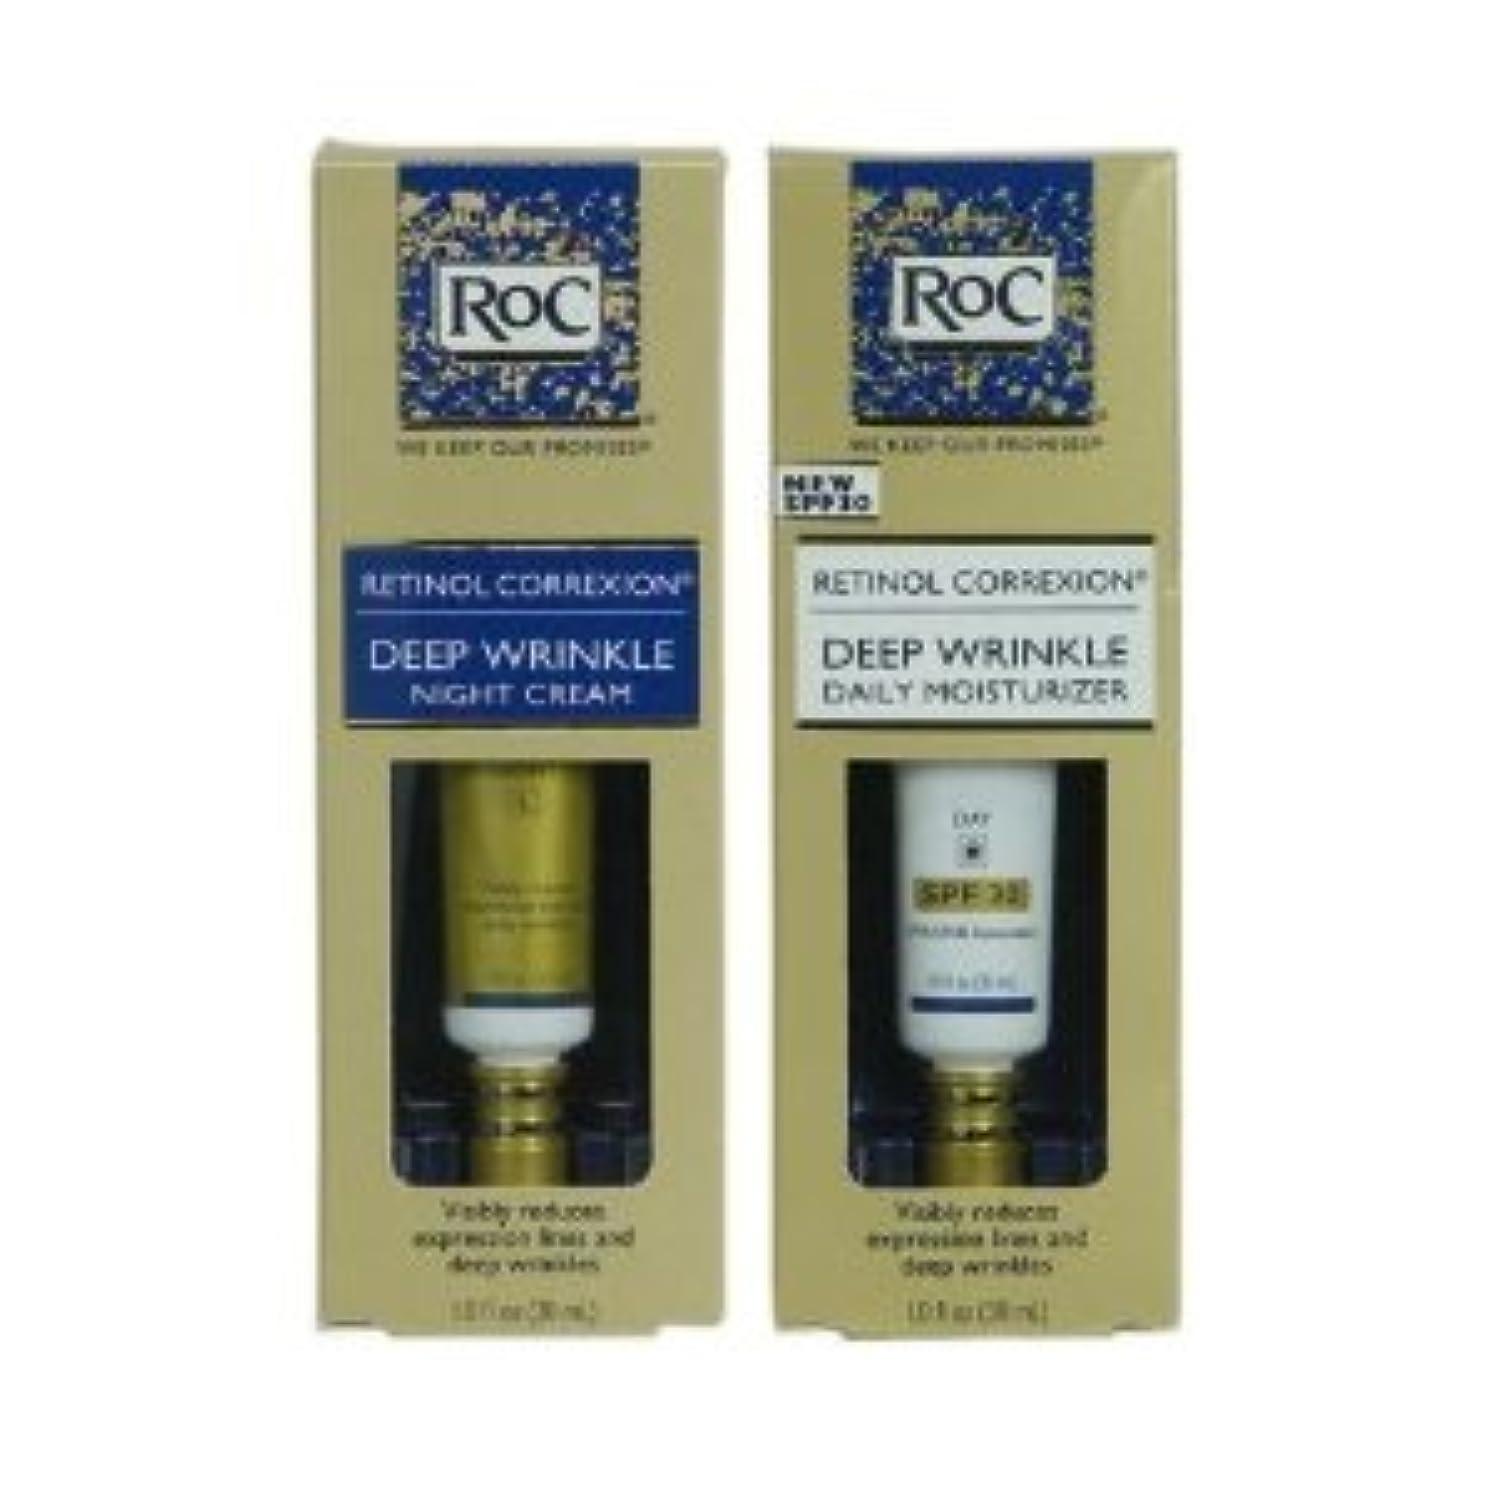 グリルハンサム困惑RoC レチノール コレクション 2本セット (昼+夜セット) フランス製 RoC Retinol Correxion Deep Wrinkle Day/Night set